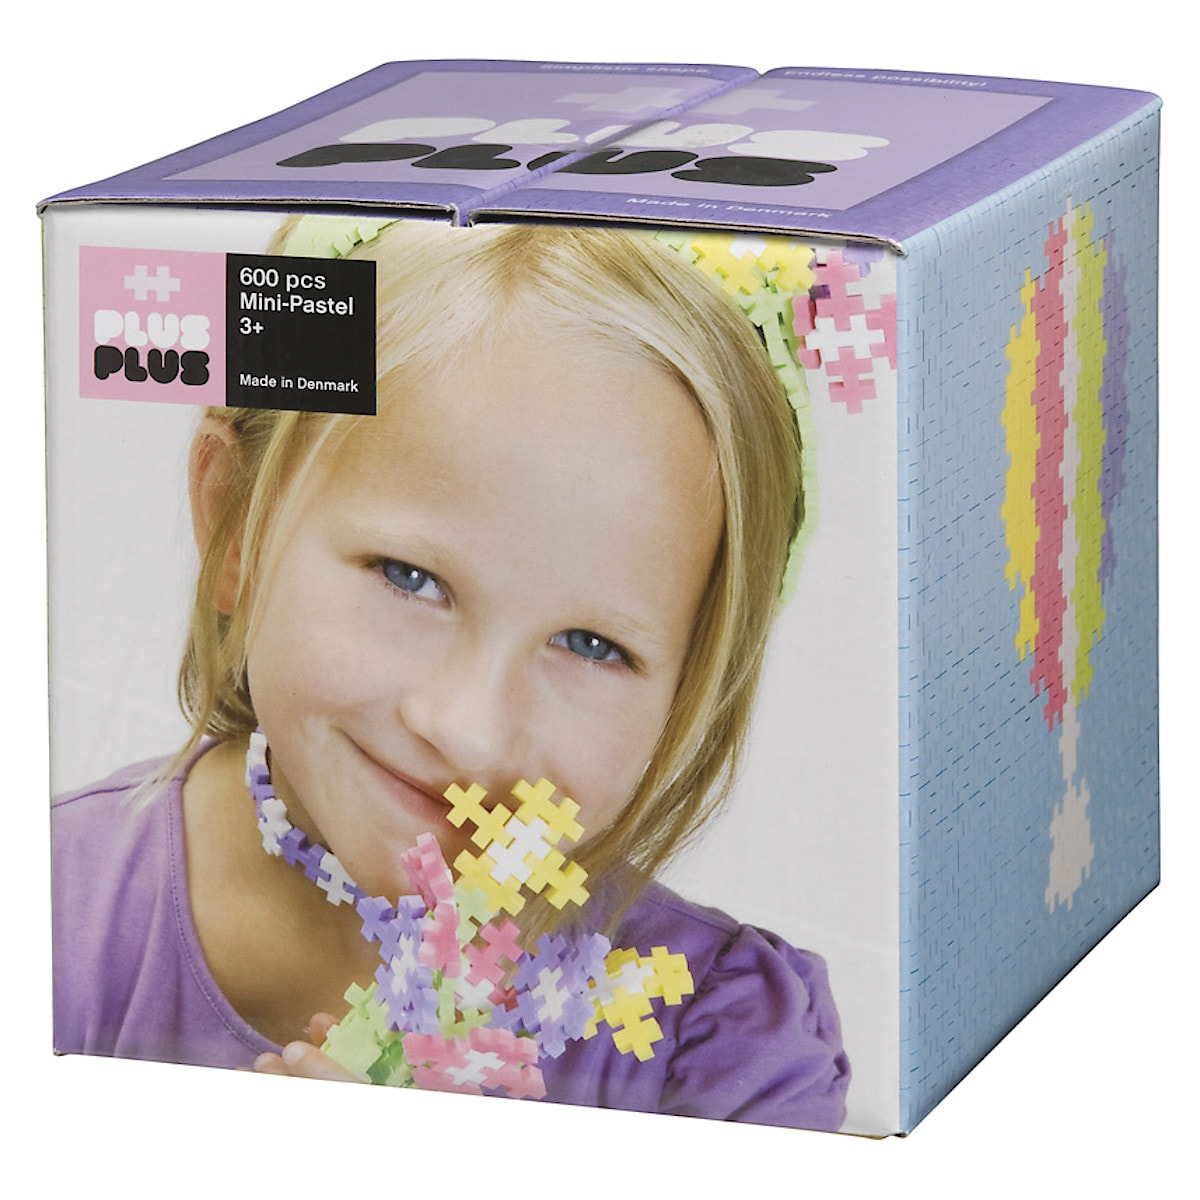 Rakennuspalikat Plus-Plus Mini Pastel